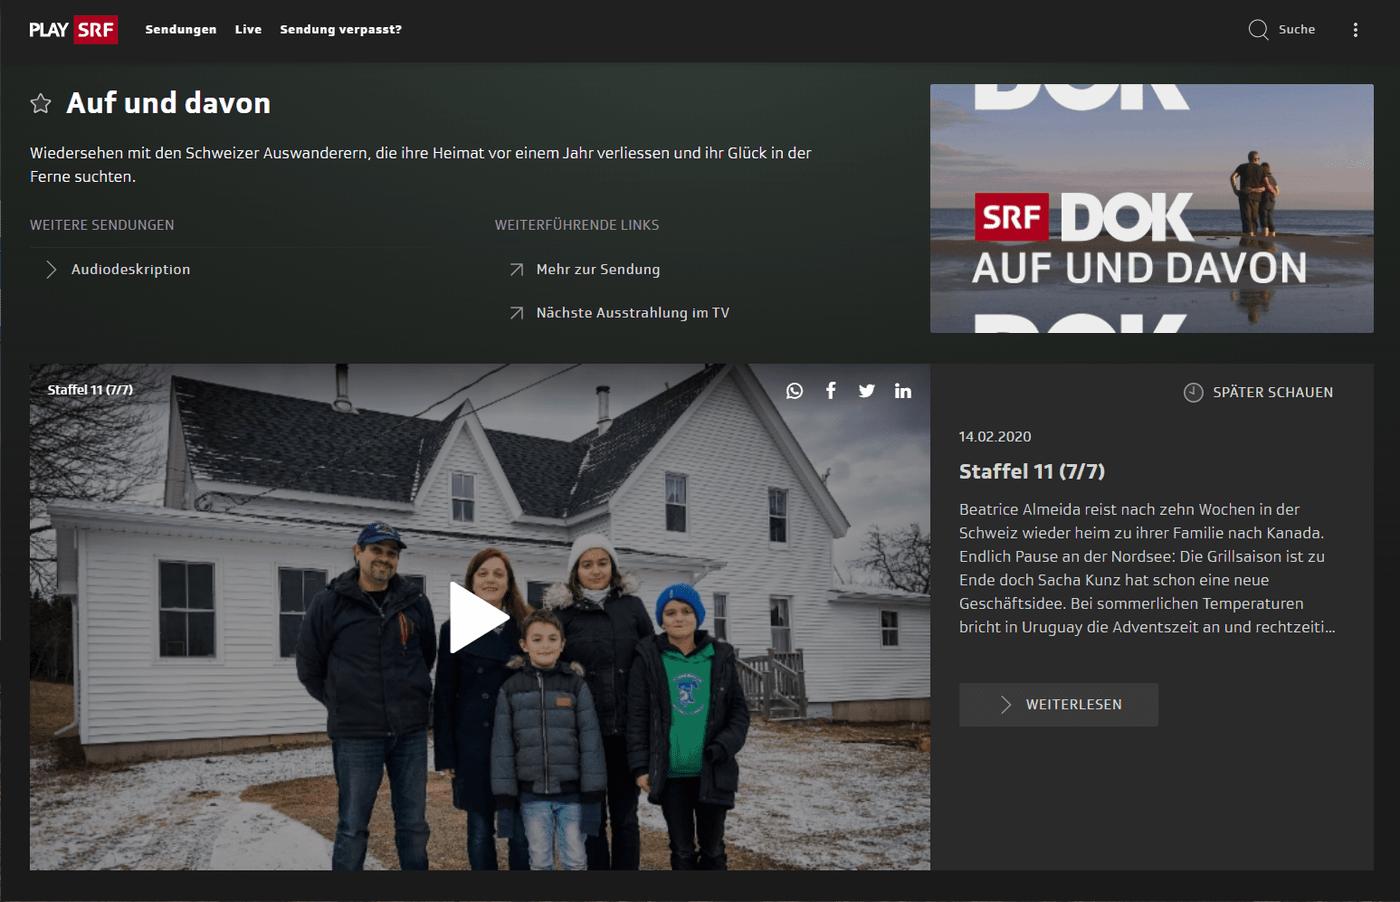 """SRF-Livestream im Ausland – Programmfenster der TV-Serie """"Auf und davon"""", 11. Staffel"""